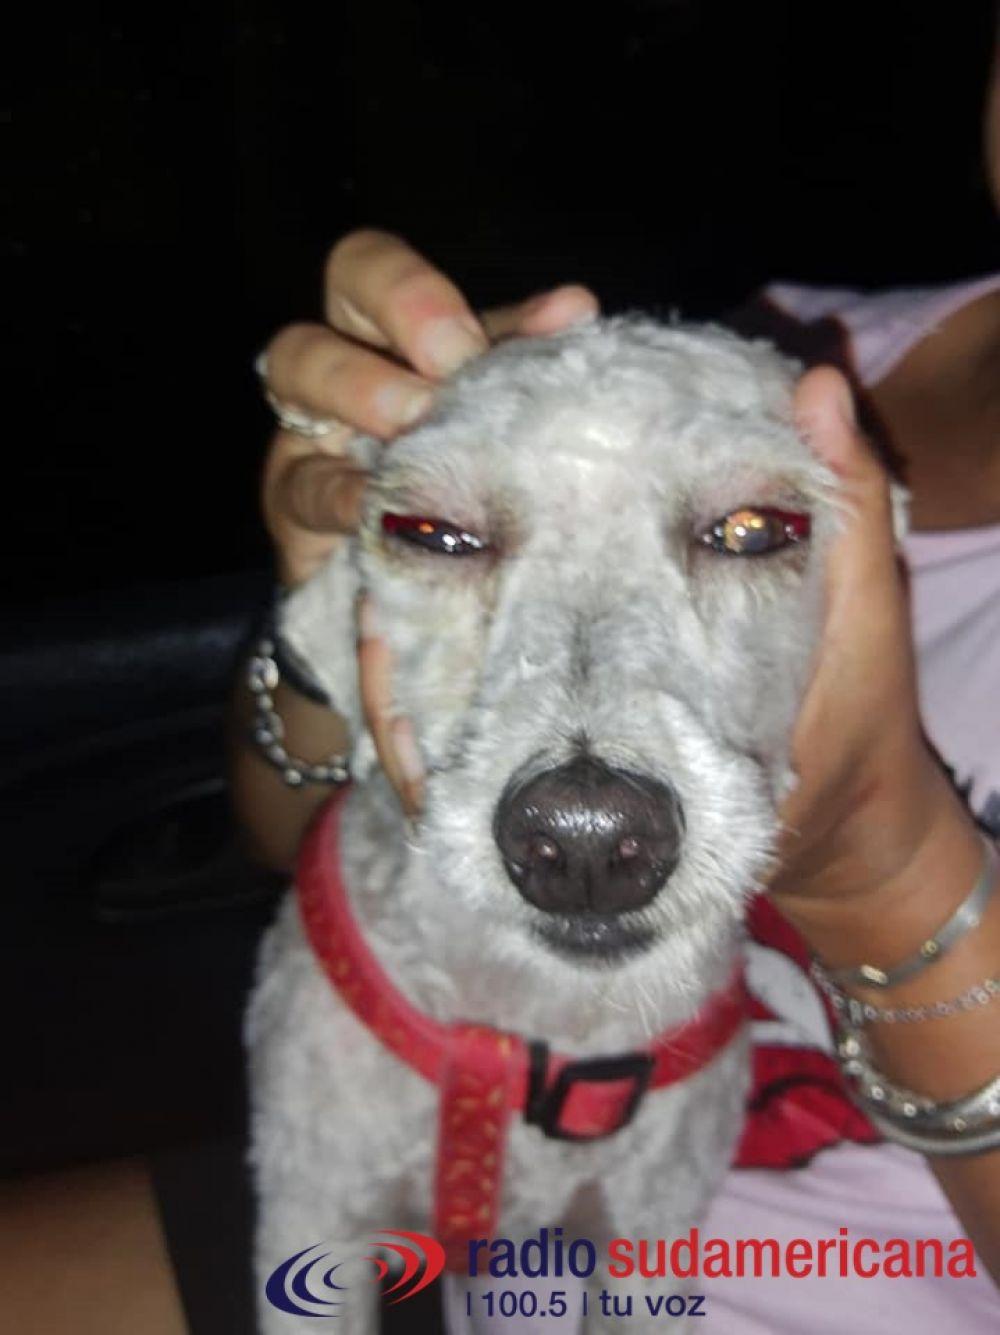 Denuncian a una peluquería: Me devolvieron a mi perro con los ojos en sangre